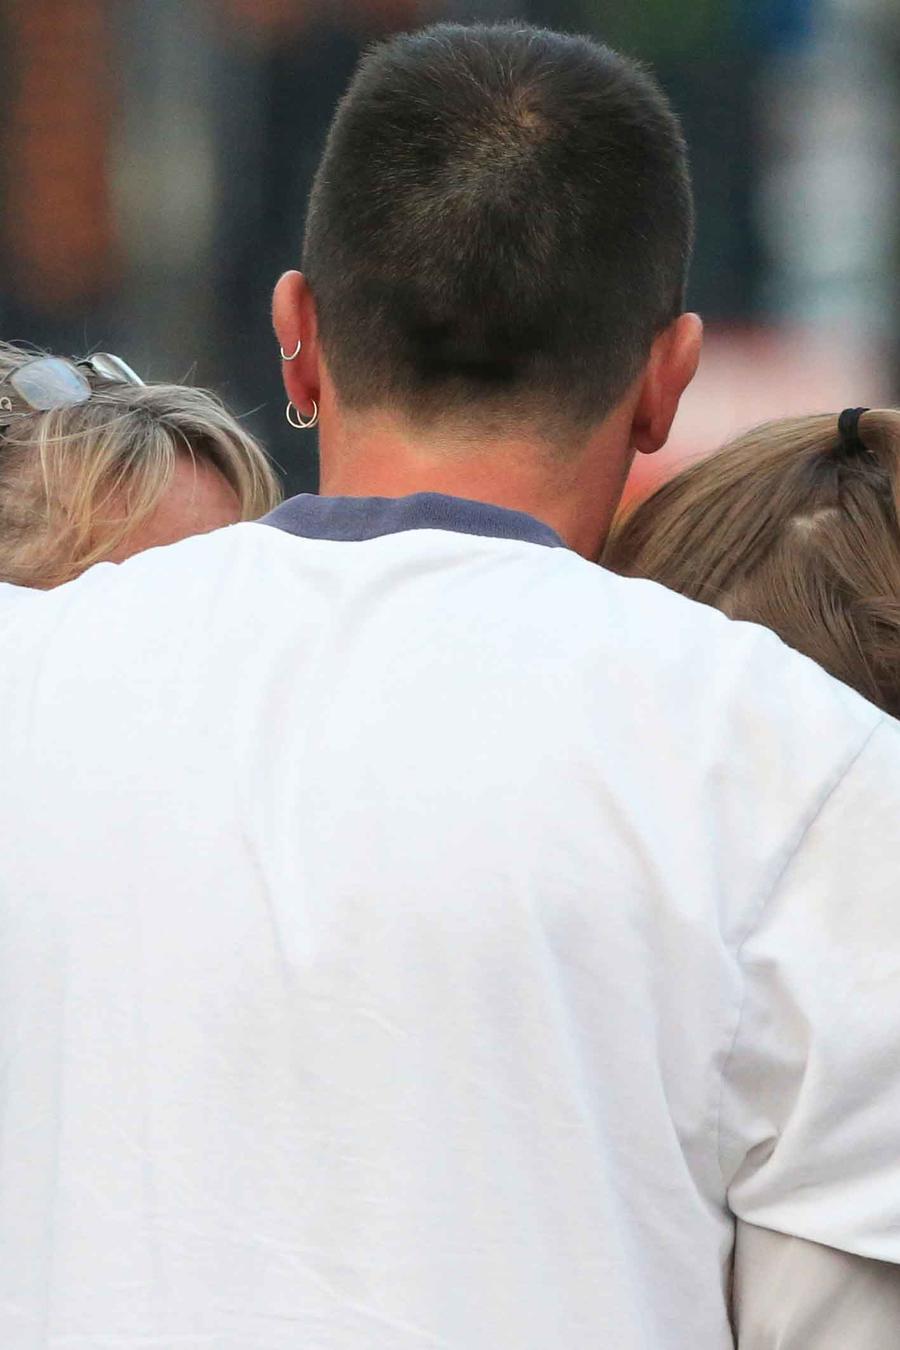 Jóvenes se abrazan tras atentado en Manchester